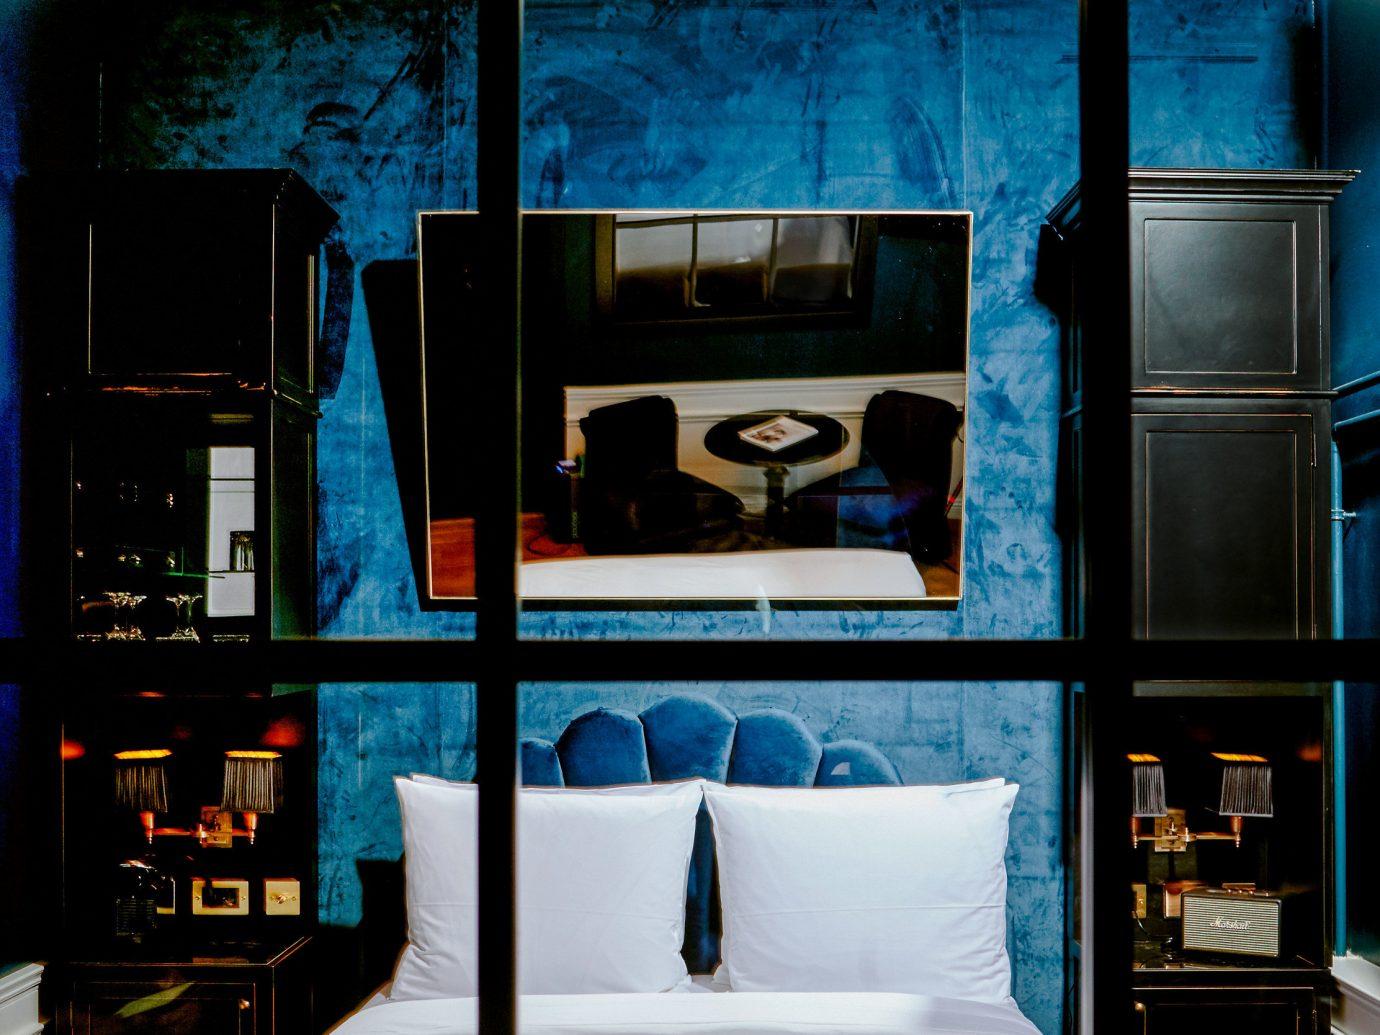 Trip Ideas indoor room interior design furniture window bed Suite